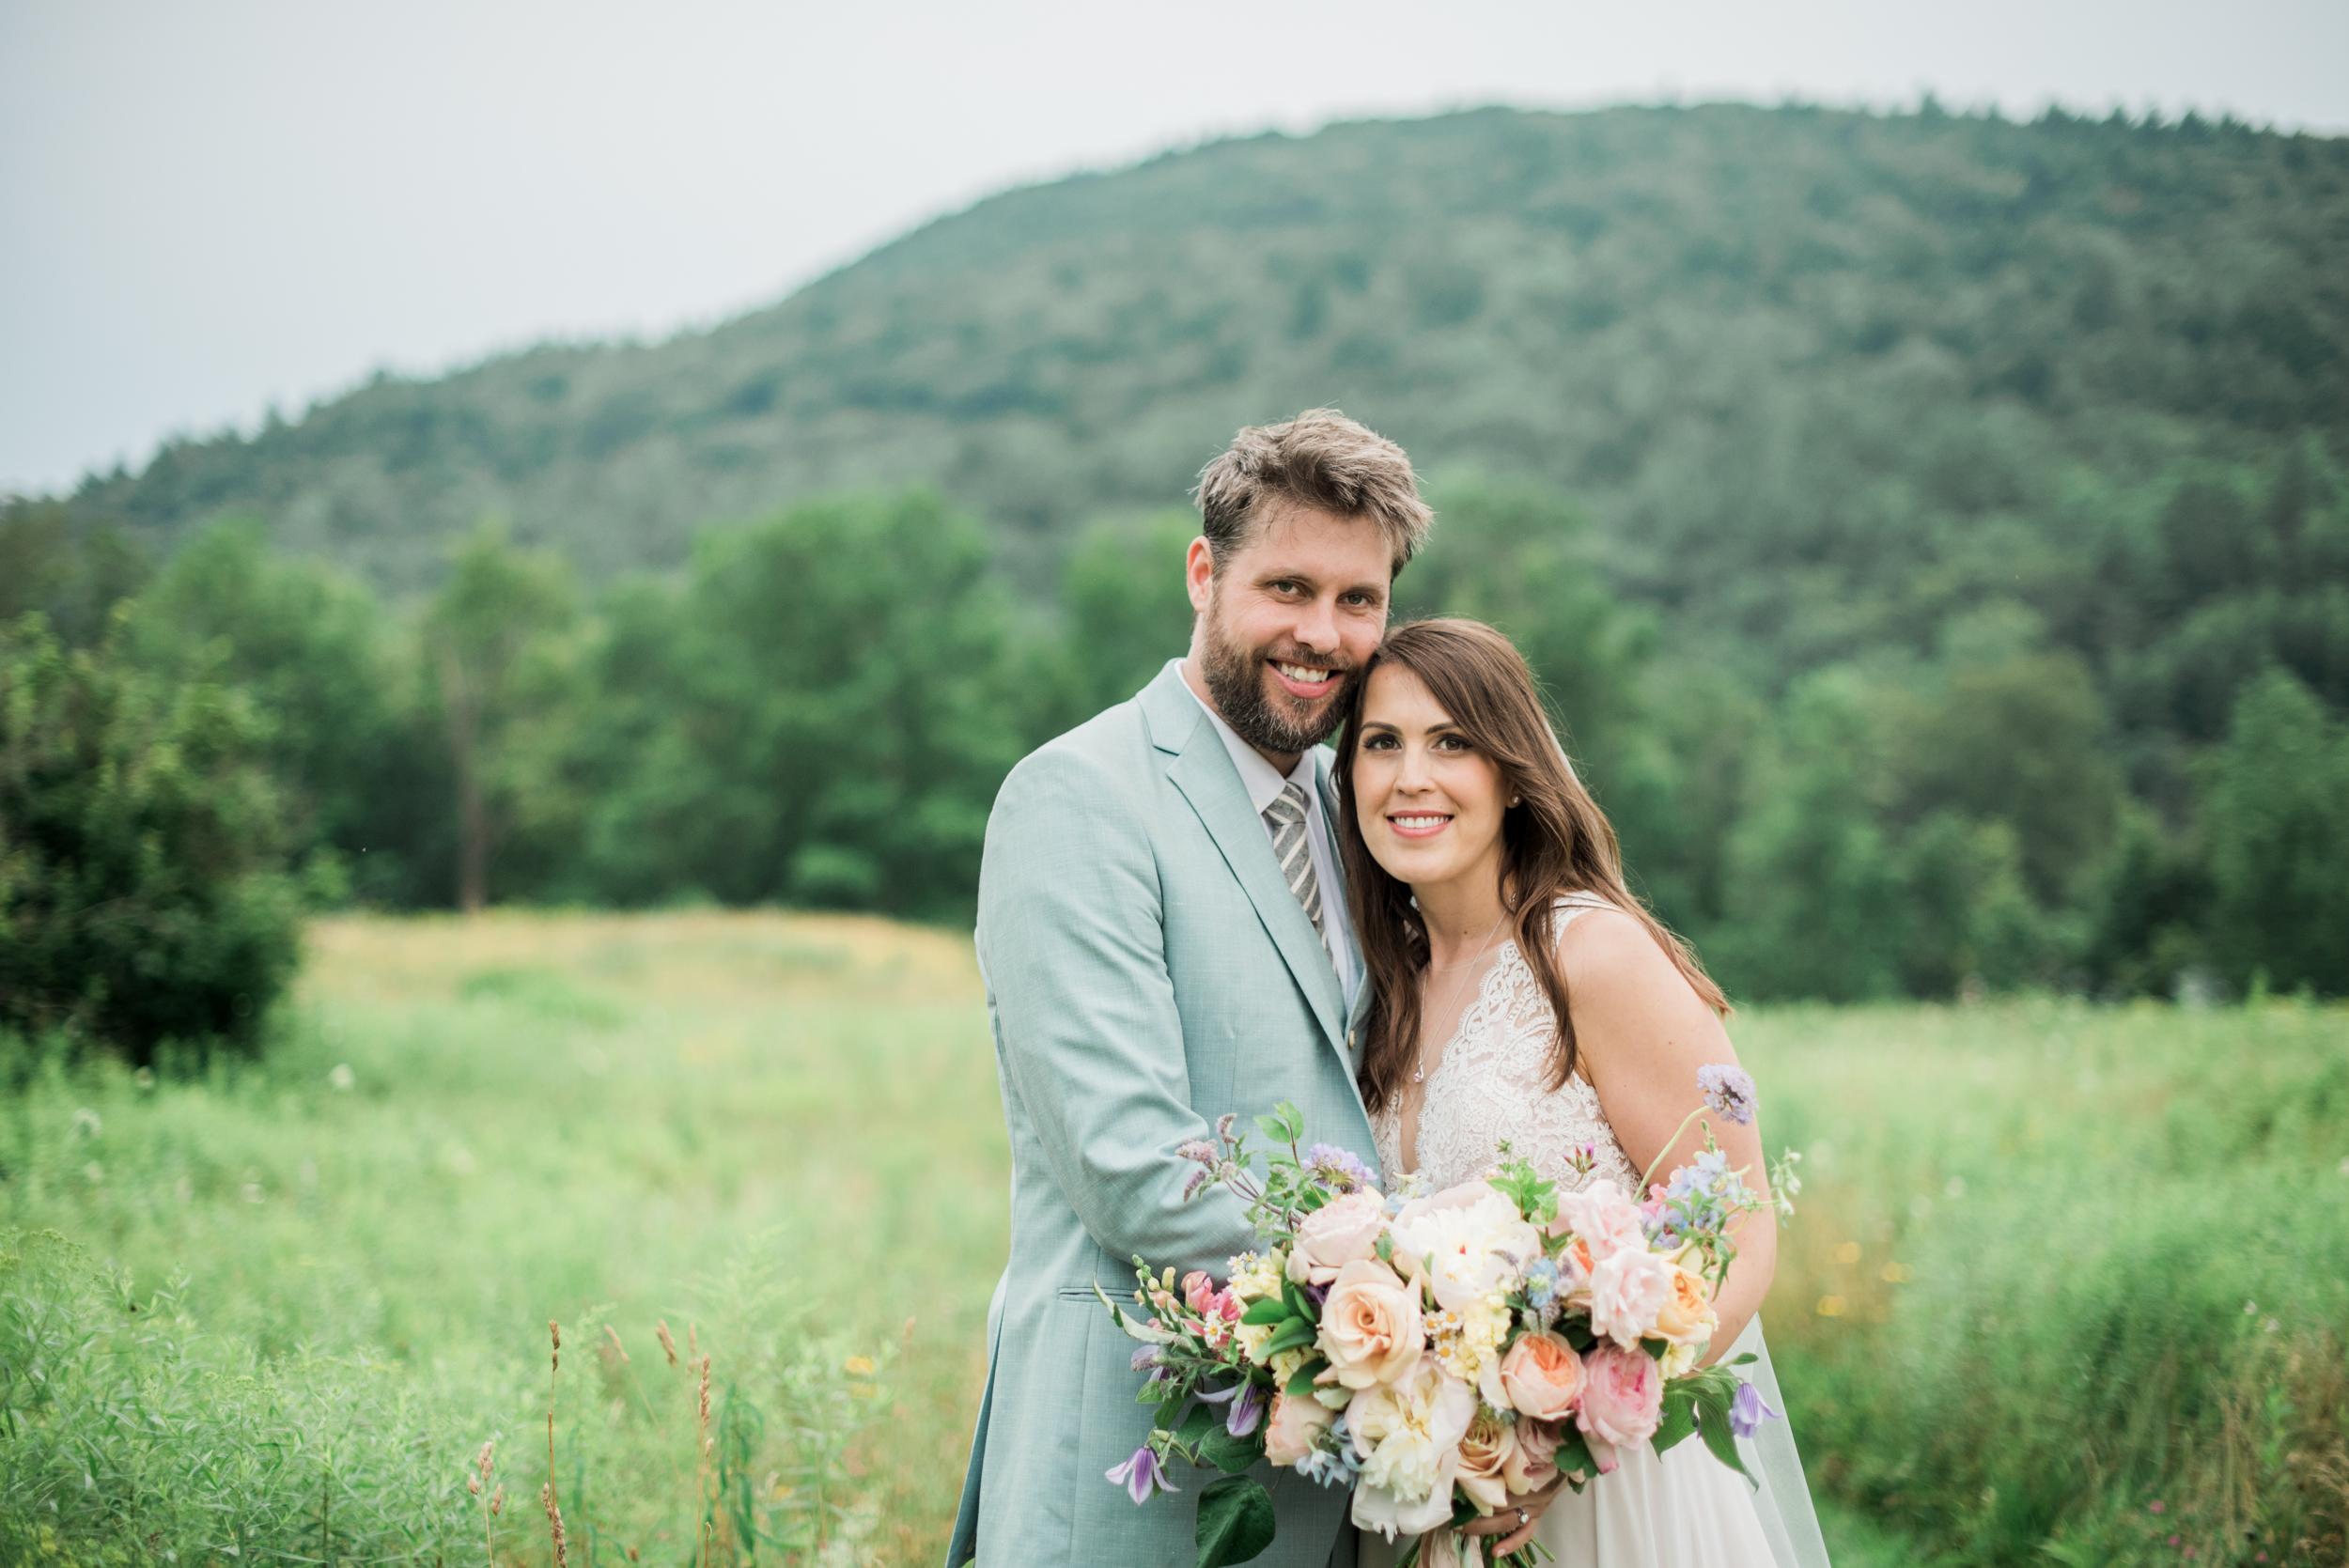 Bucolic New England Wedding